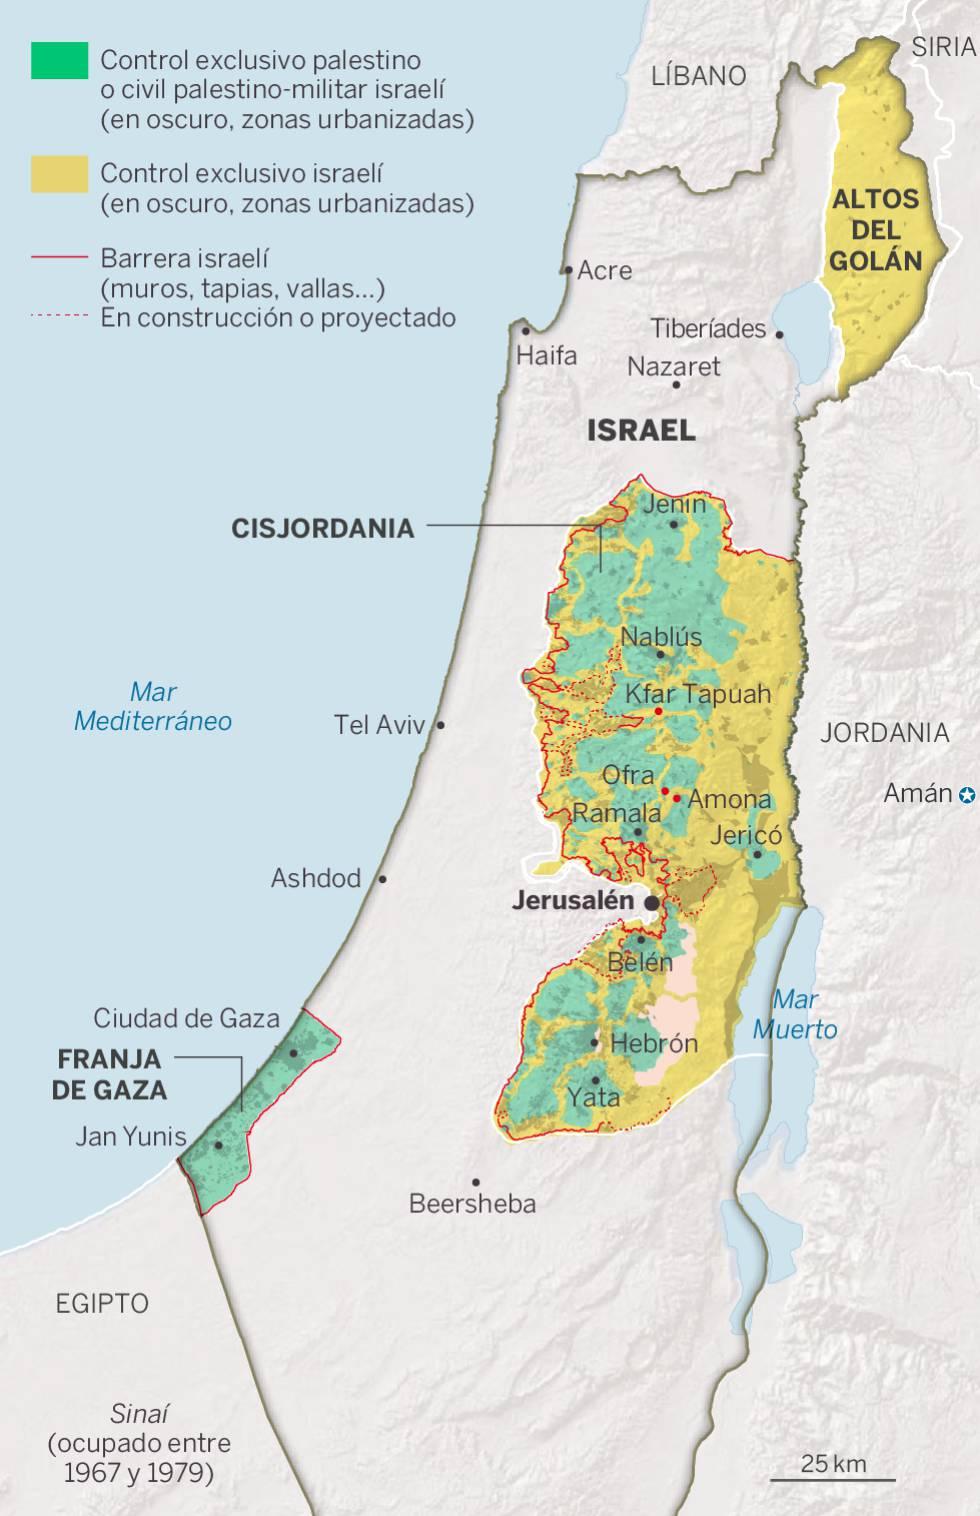 La Interminable Ocupacion Israeli De Palestina 50 Anos Sin Paz